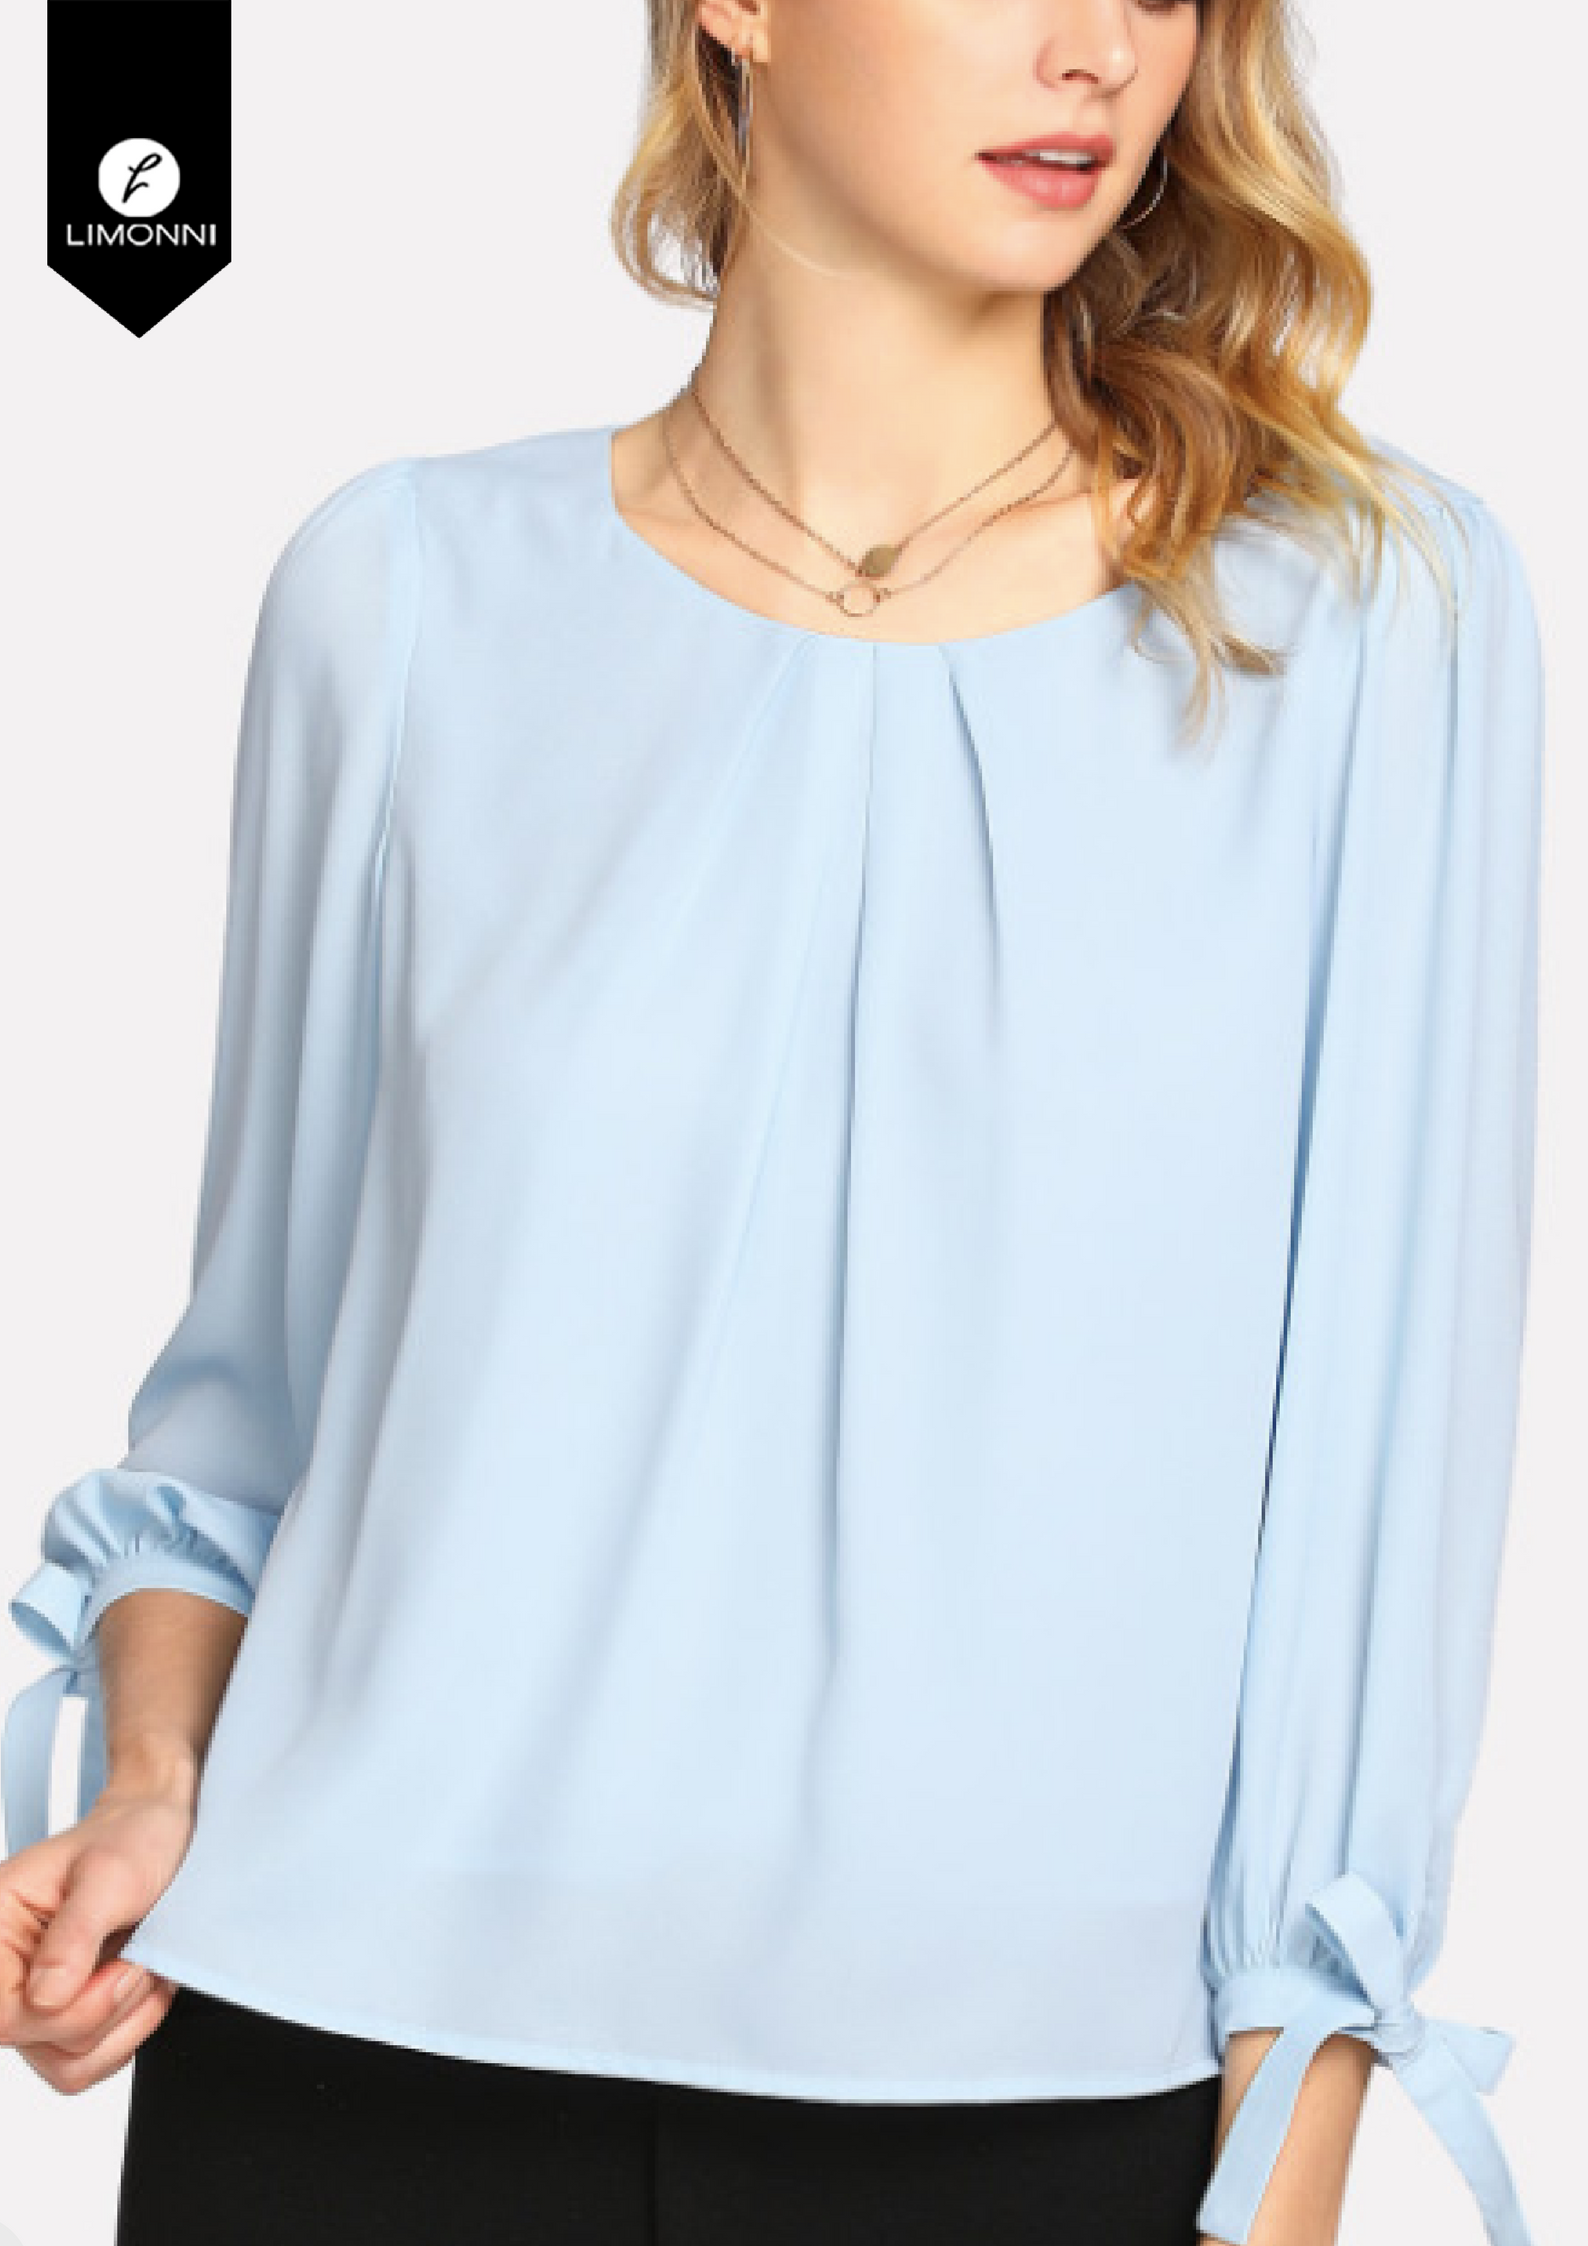 Blusas para mujer Limonni Novalee LI1537 Casuales